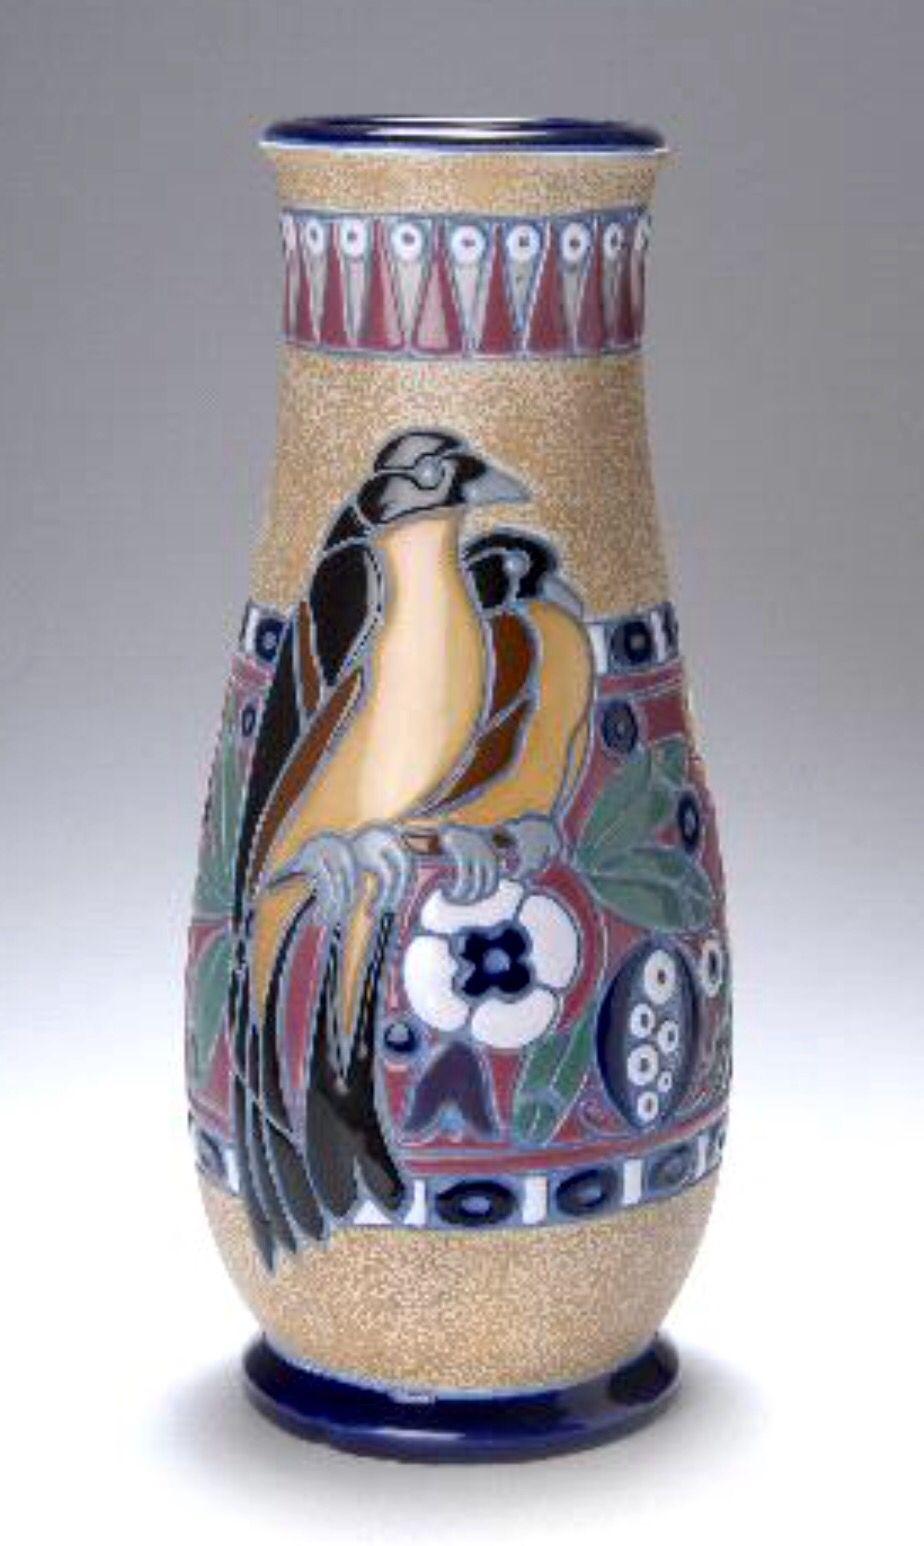 Amphora werke riessner stellmacher kessel turn bei teplitz amphora werke riessner stellmacher kessel turn bei teplitz vase reviewsmspy